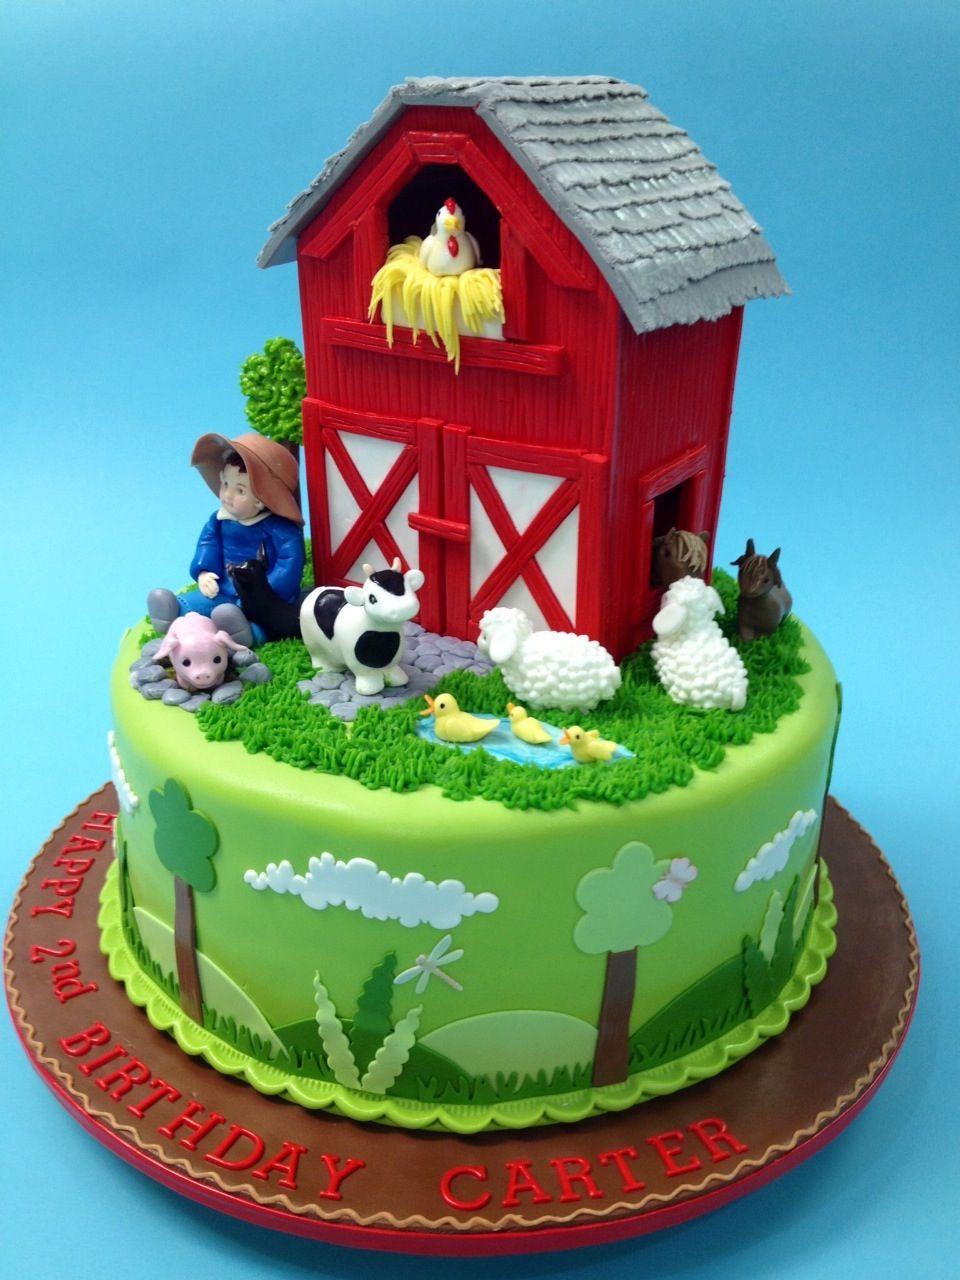 Farm cake made by Mercedes Strachwsky